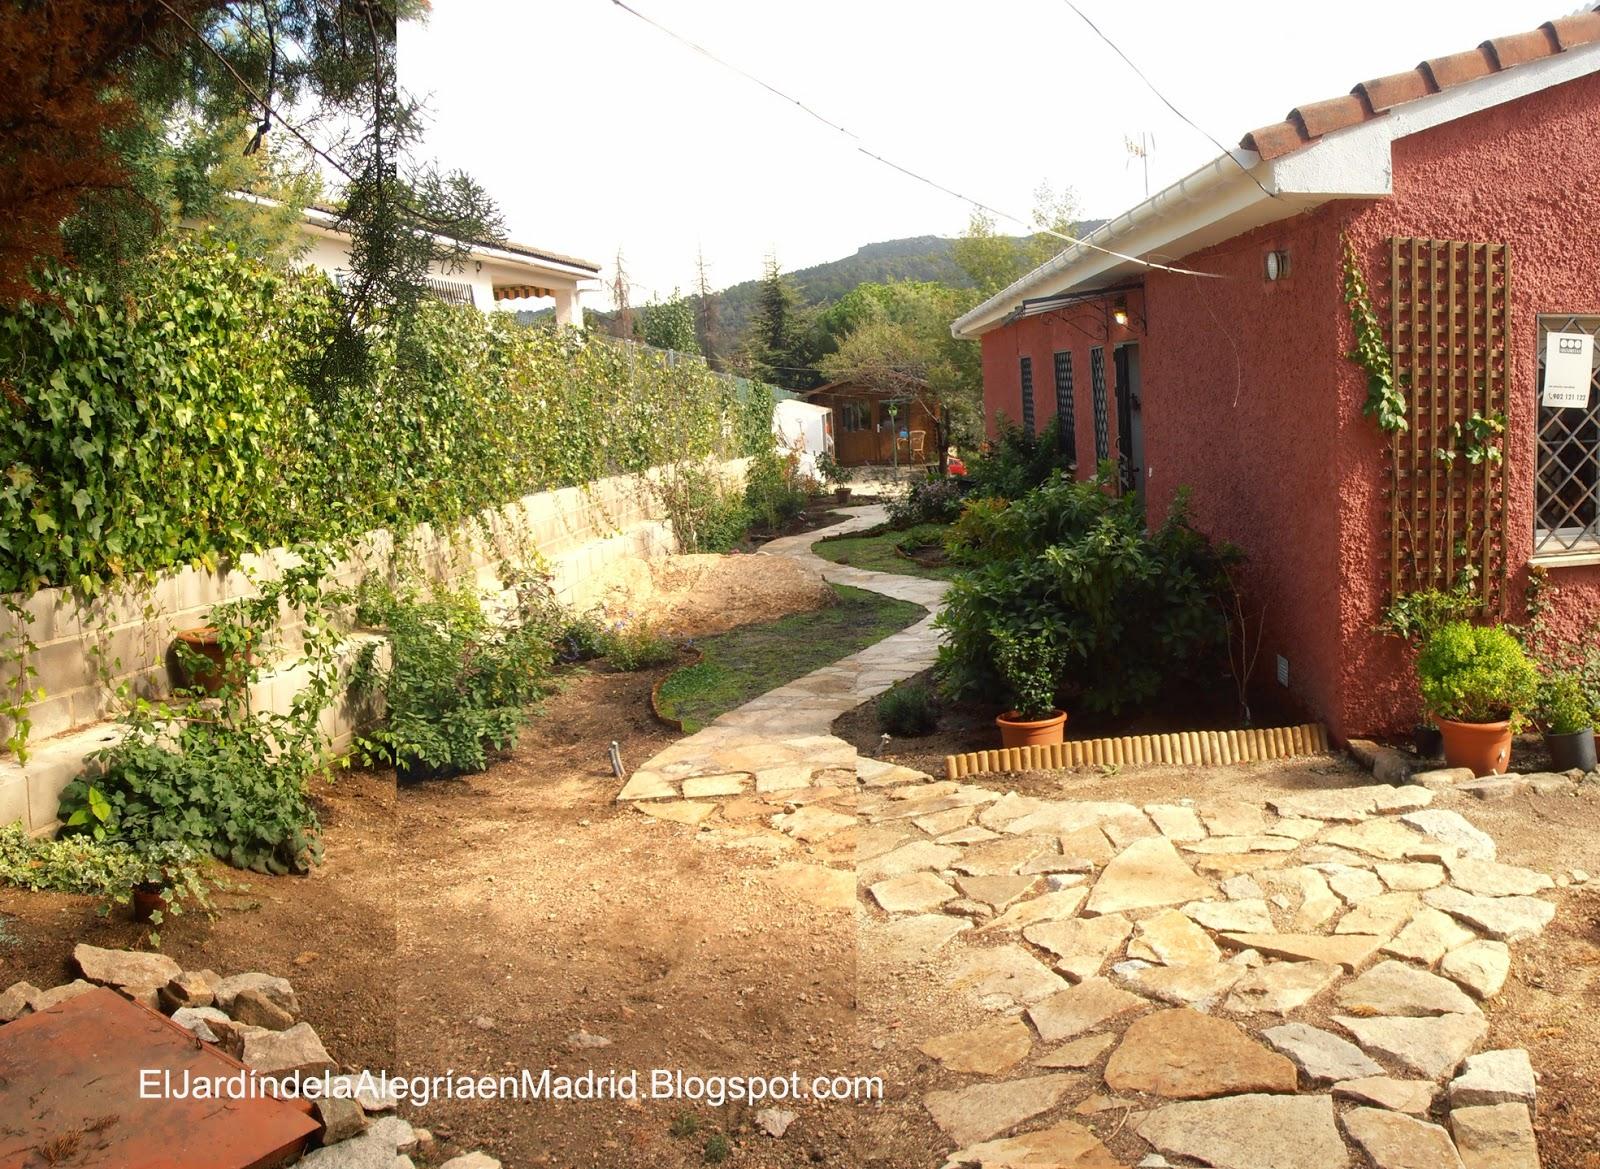 El jard n de la alegr a el jard n trasero un espacio - El jardin del sol ...